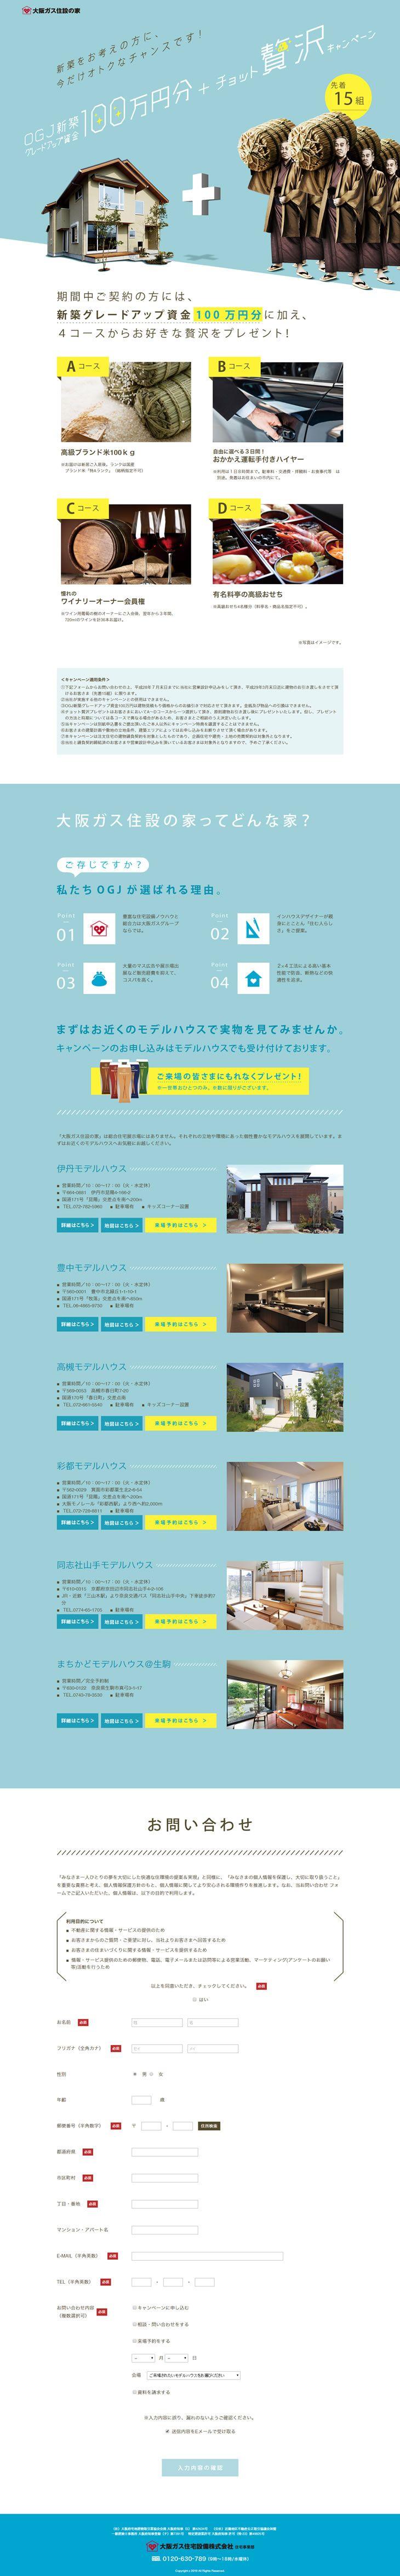 大阪ガス住設の家【不動産関連】のLPデザイン。WEBデザイナーさん必見!ランディングページのデザイン参考に(シンプル系)